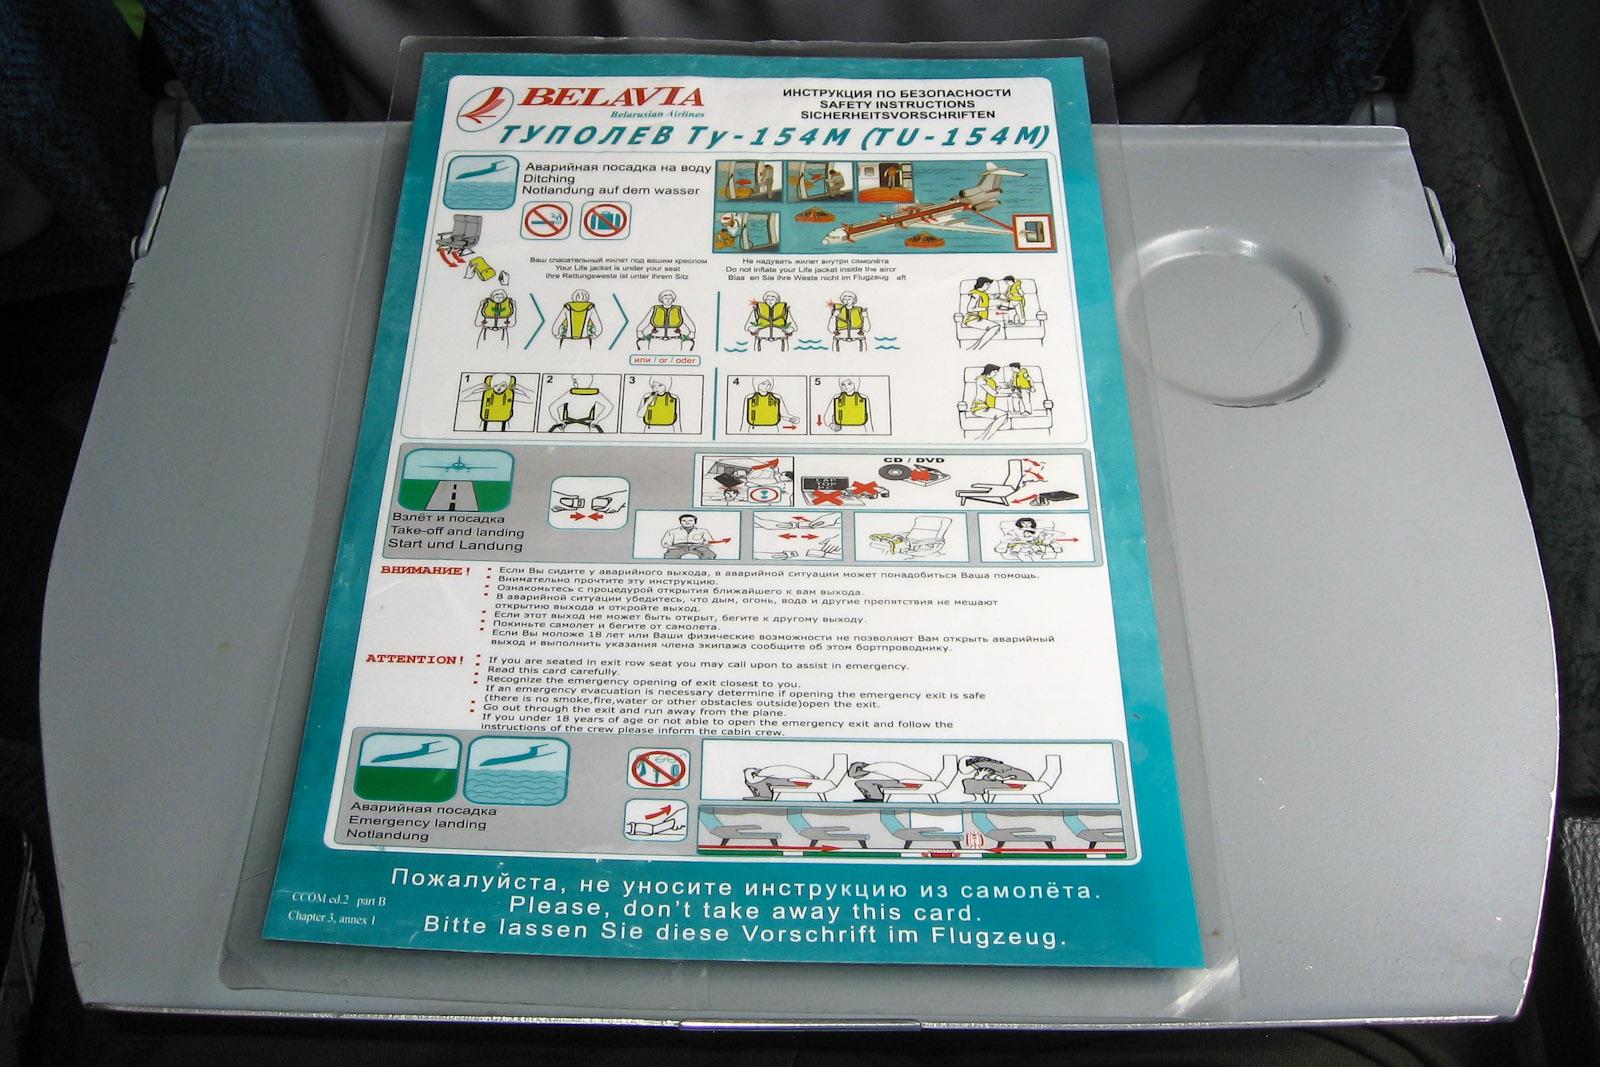 Инструкция по безопасности самолета Ту-154М авиакомпании Белавиа